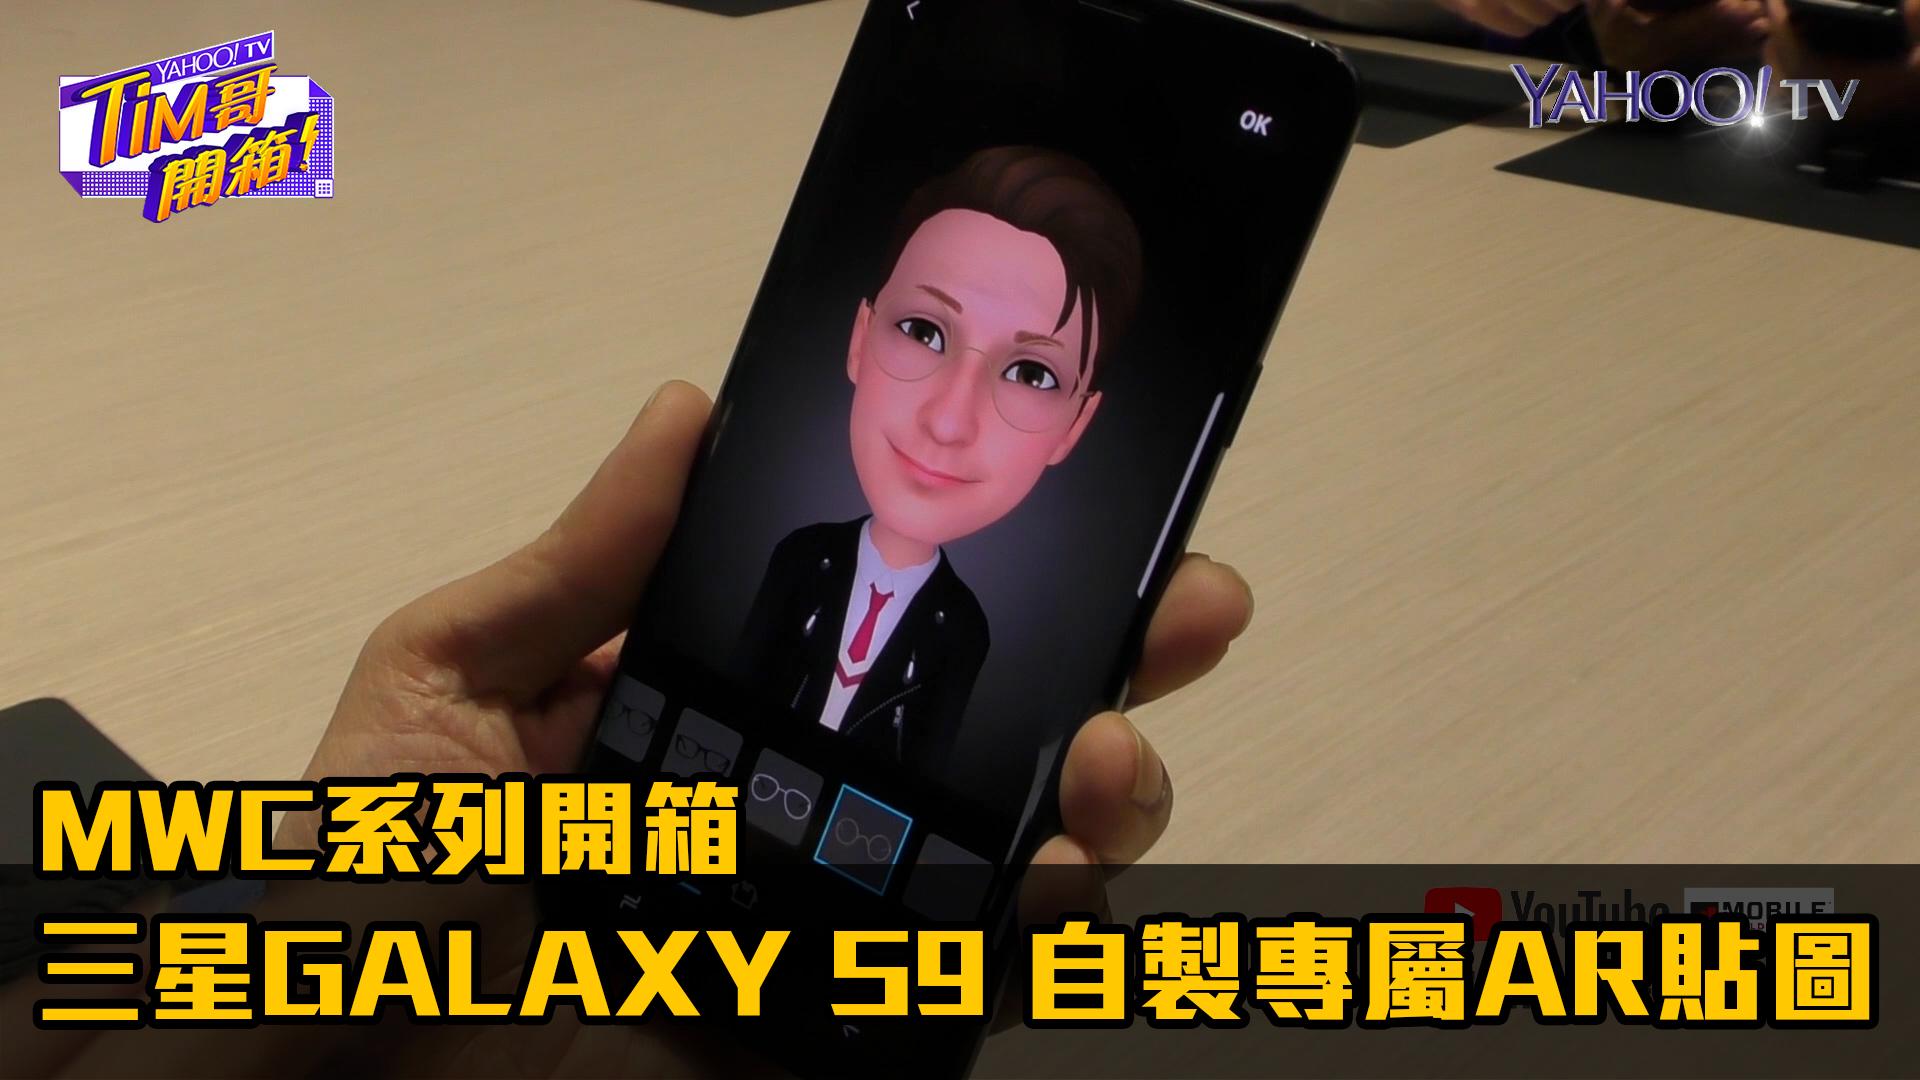 【MWC直擊開箱】三星GALAXY S9 自製專屬AR貼圖